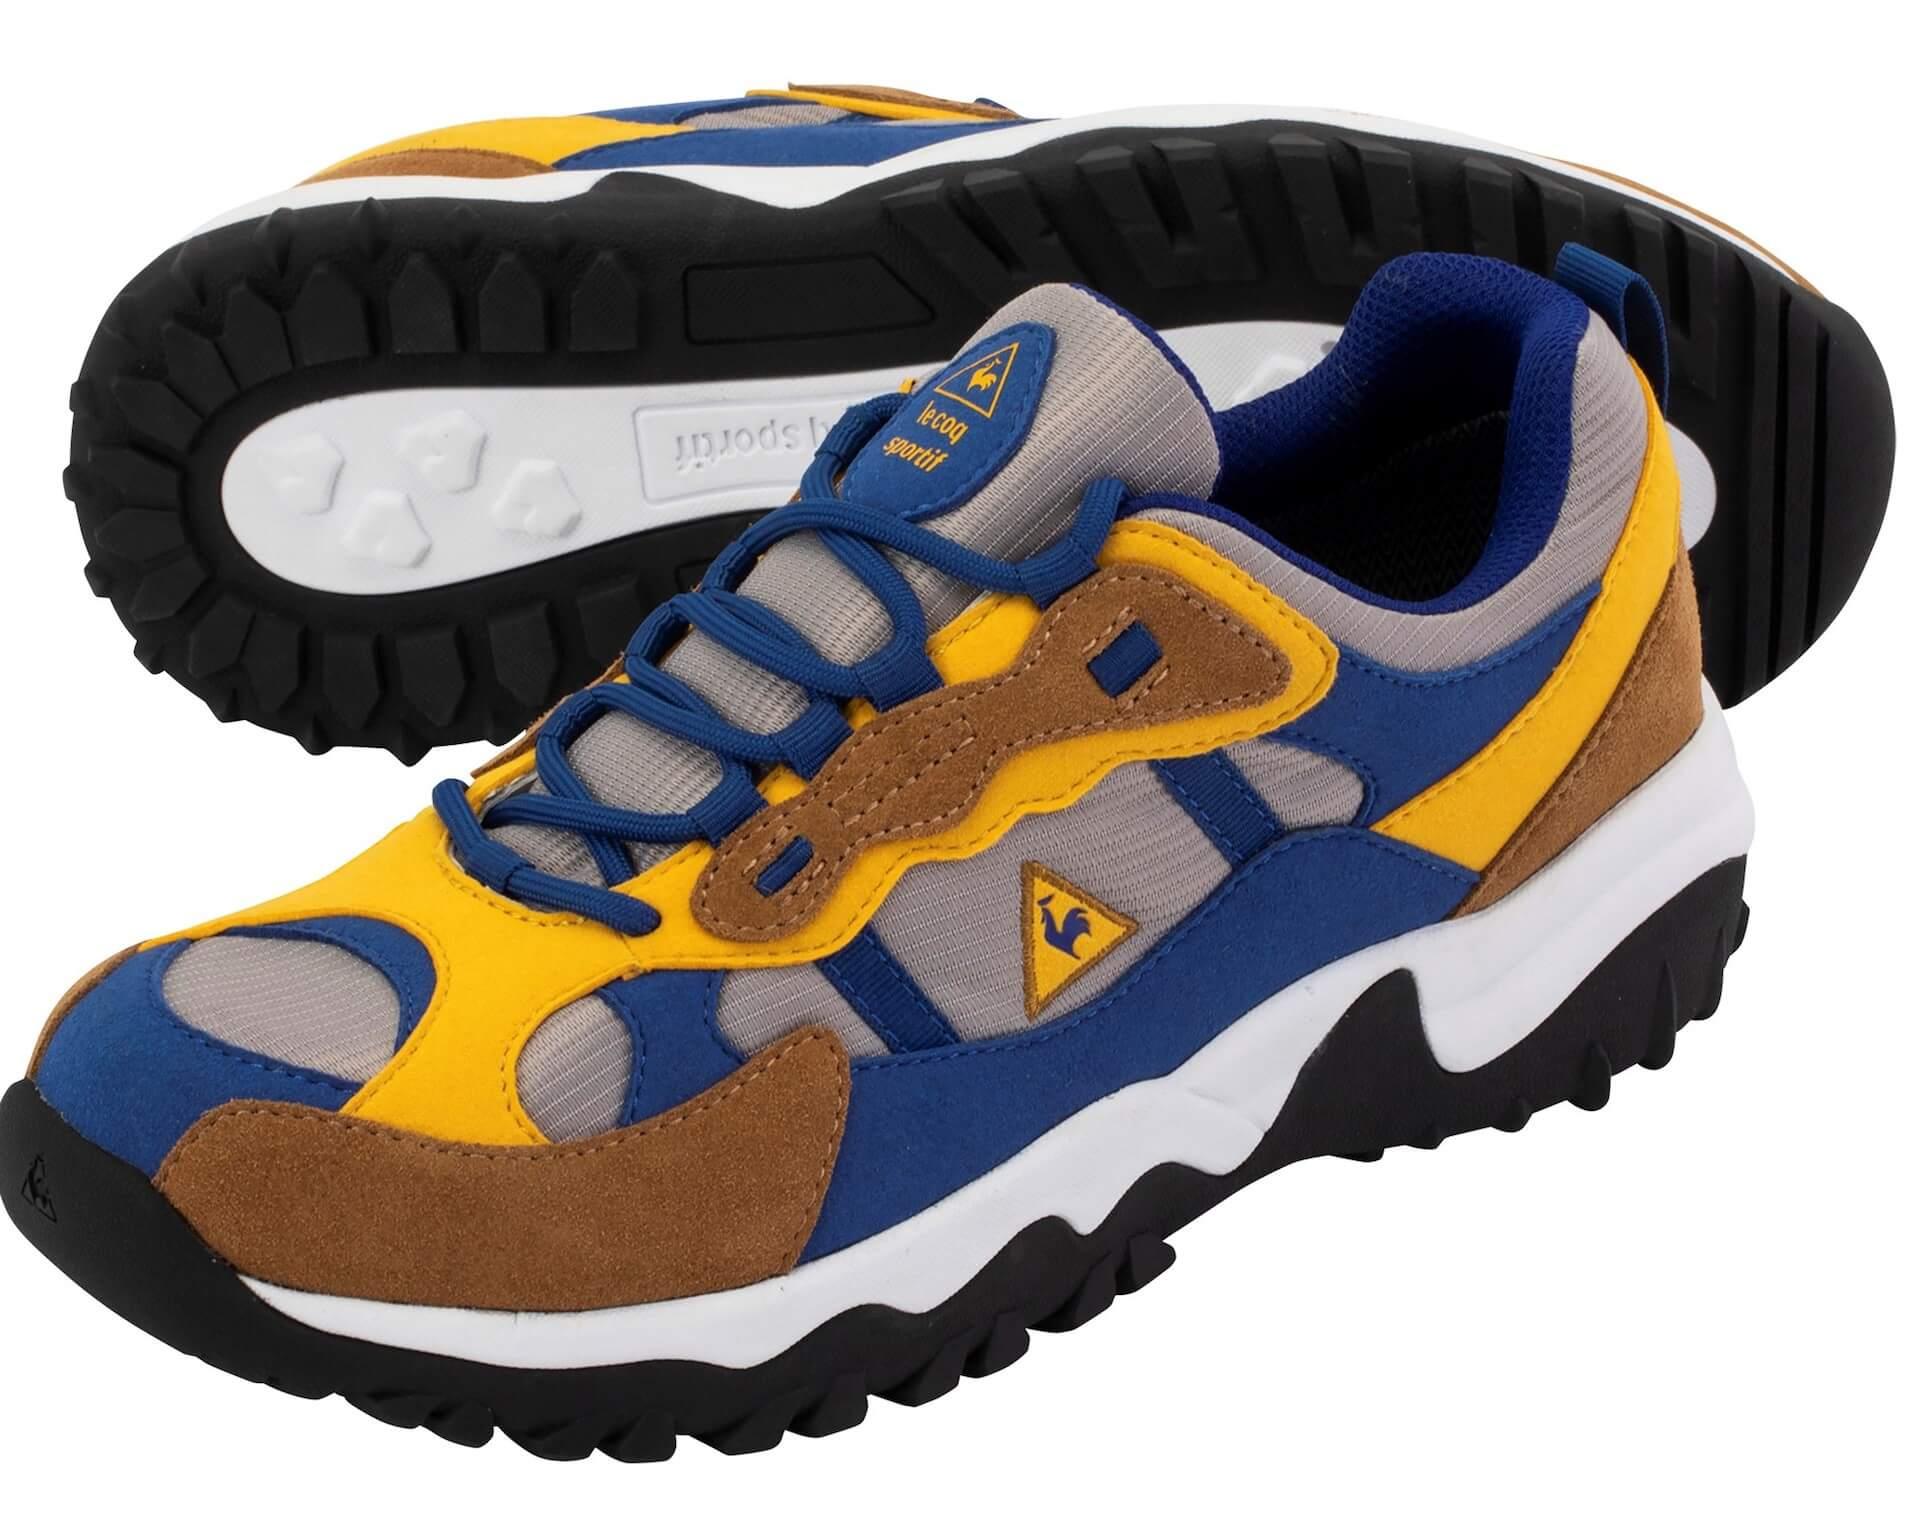 アウトドアスタイルとしても履ける90年代テイストのルコックスニーカー「L-WANDERER OG」が登場 life190918_lecoq_sneaker_1